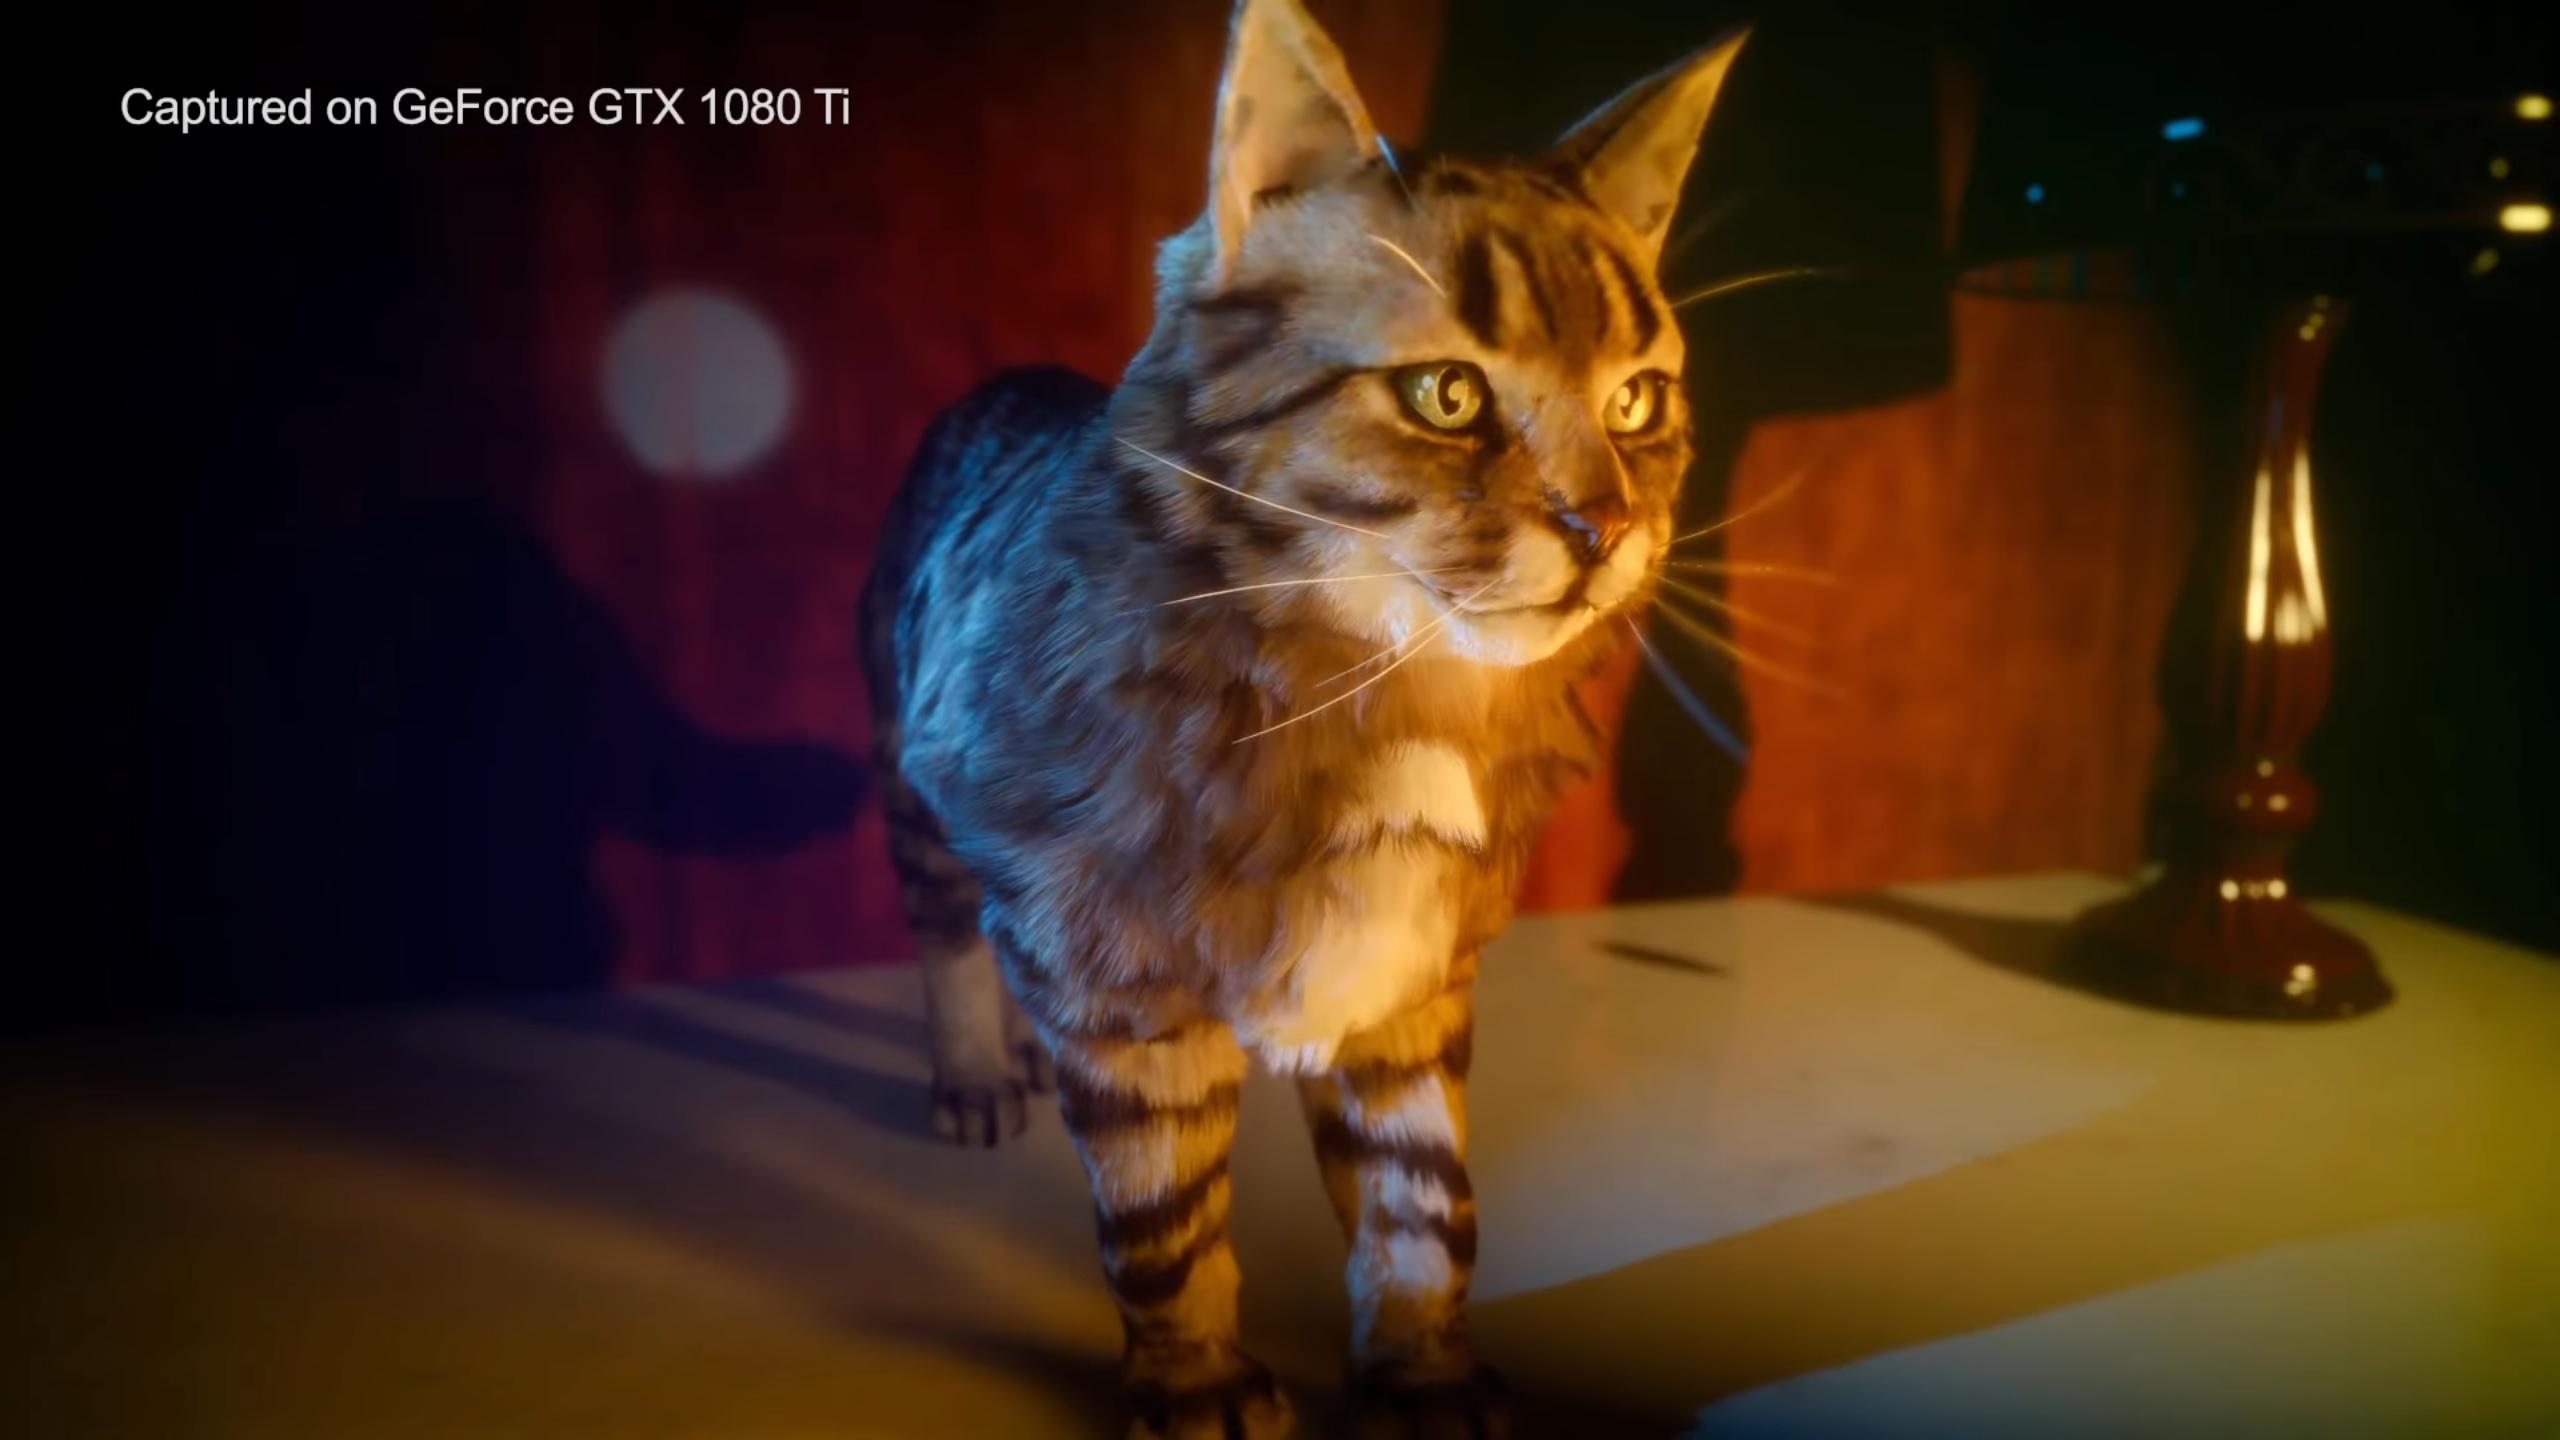 Studioet som ga deg Final Fantasy ser mot fremtiden avslutter klippet, noe som må bety at spillet kommer til Windows i år?